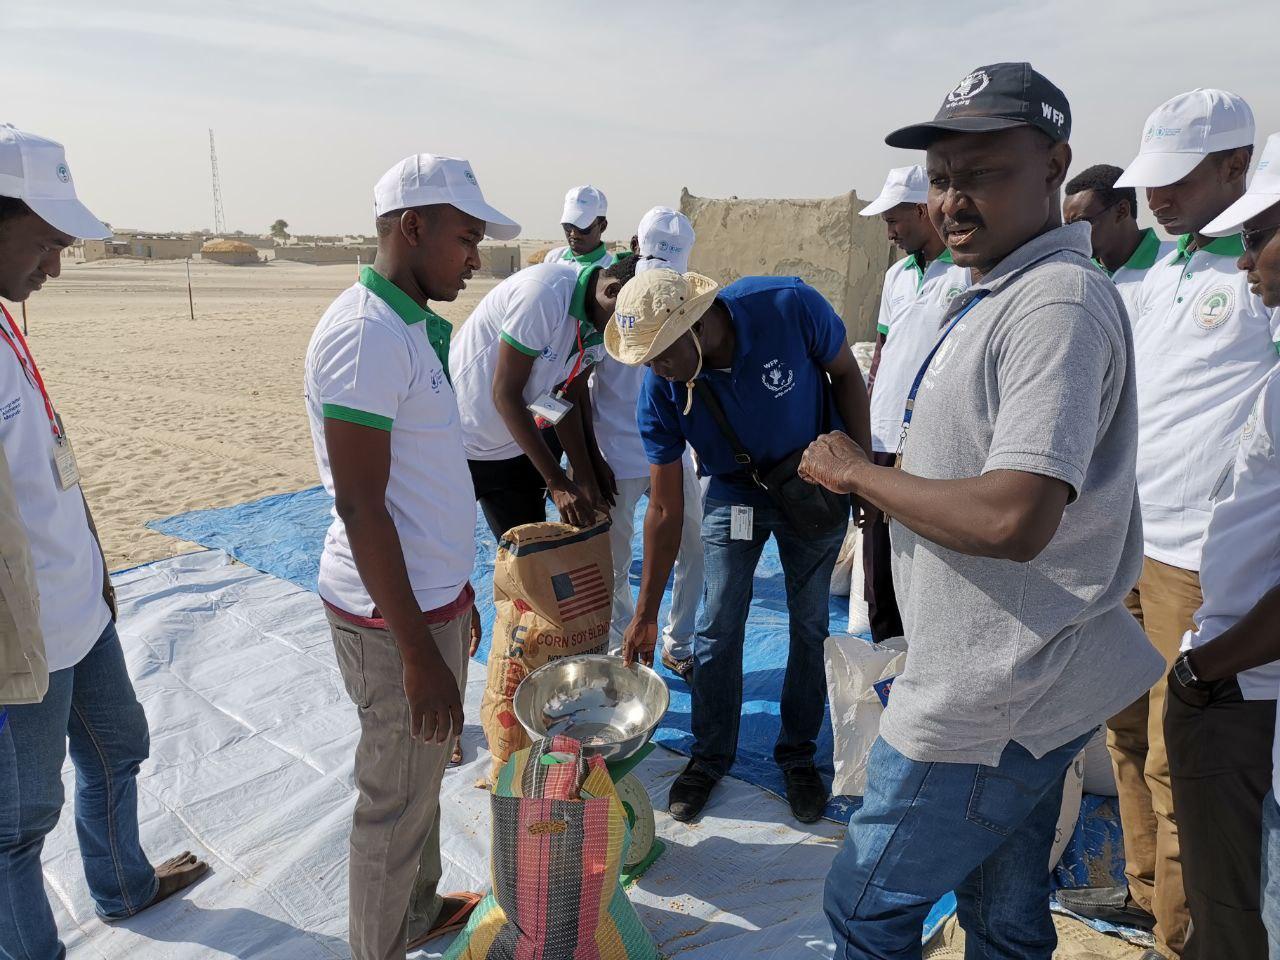 منظمة البر للإغاثة والتنمية بتشاد وبرنامج الأمم المتحددة للأغذية PAM لعام 2019